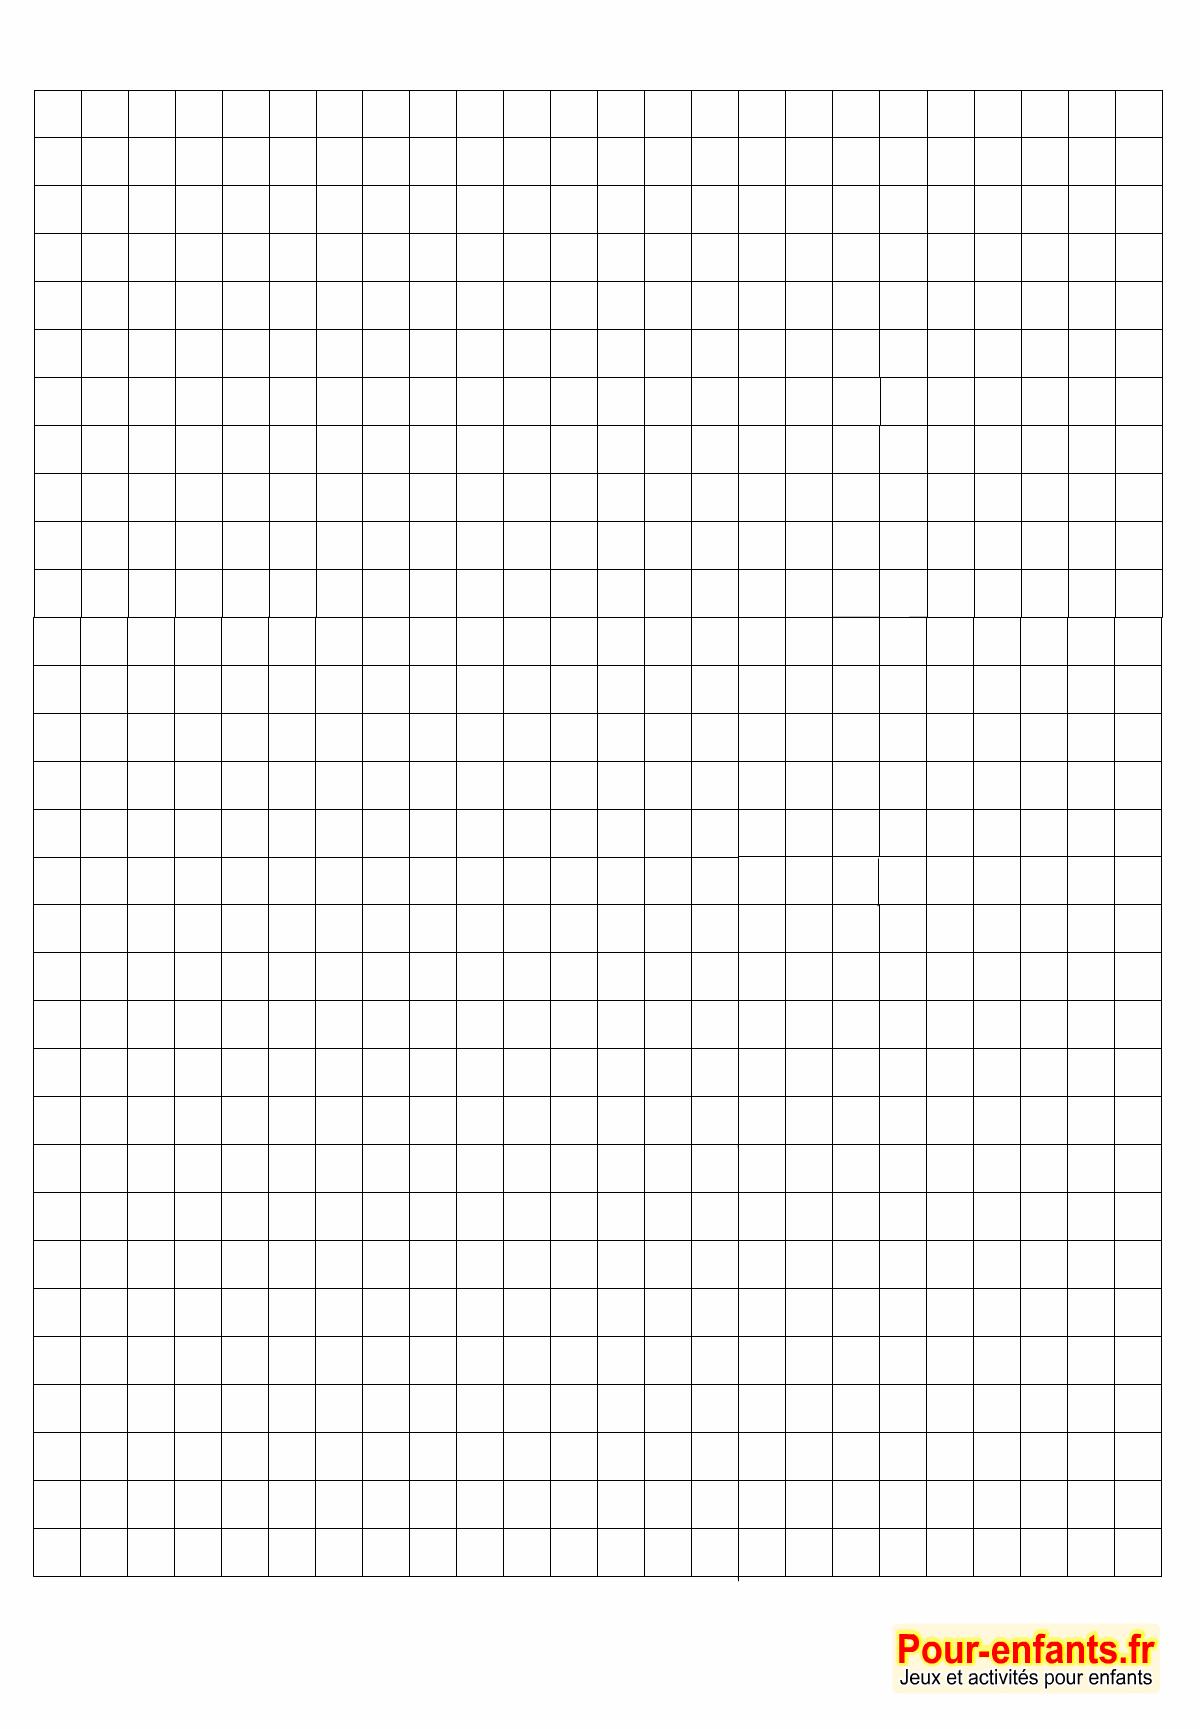 Feuille Pixel Art A Imprimer : feuille, pixel, imprimer, Imprimer, Feuilles, Quadrillées, Vierges, Faire, Dessin, Quadrillage., Ainsi, Coloriage…, Pixel, Imprimer,, Vierge,, Feuille, Quadrillée